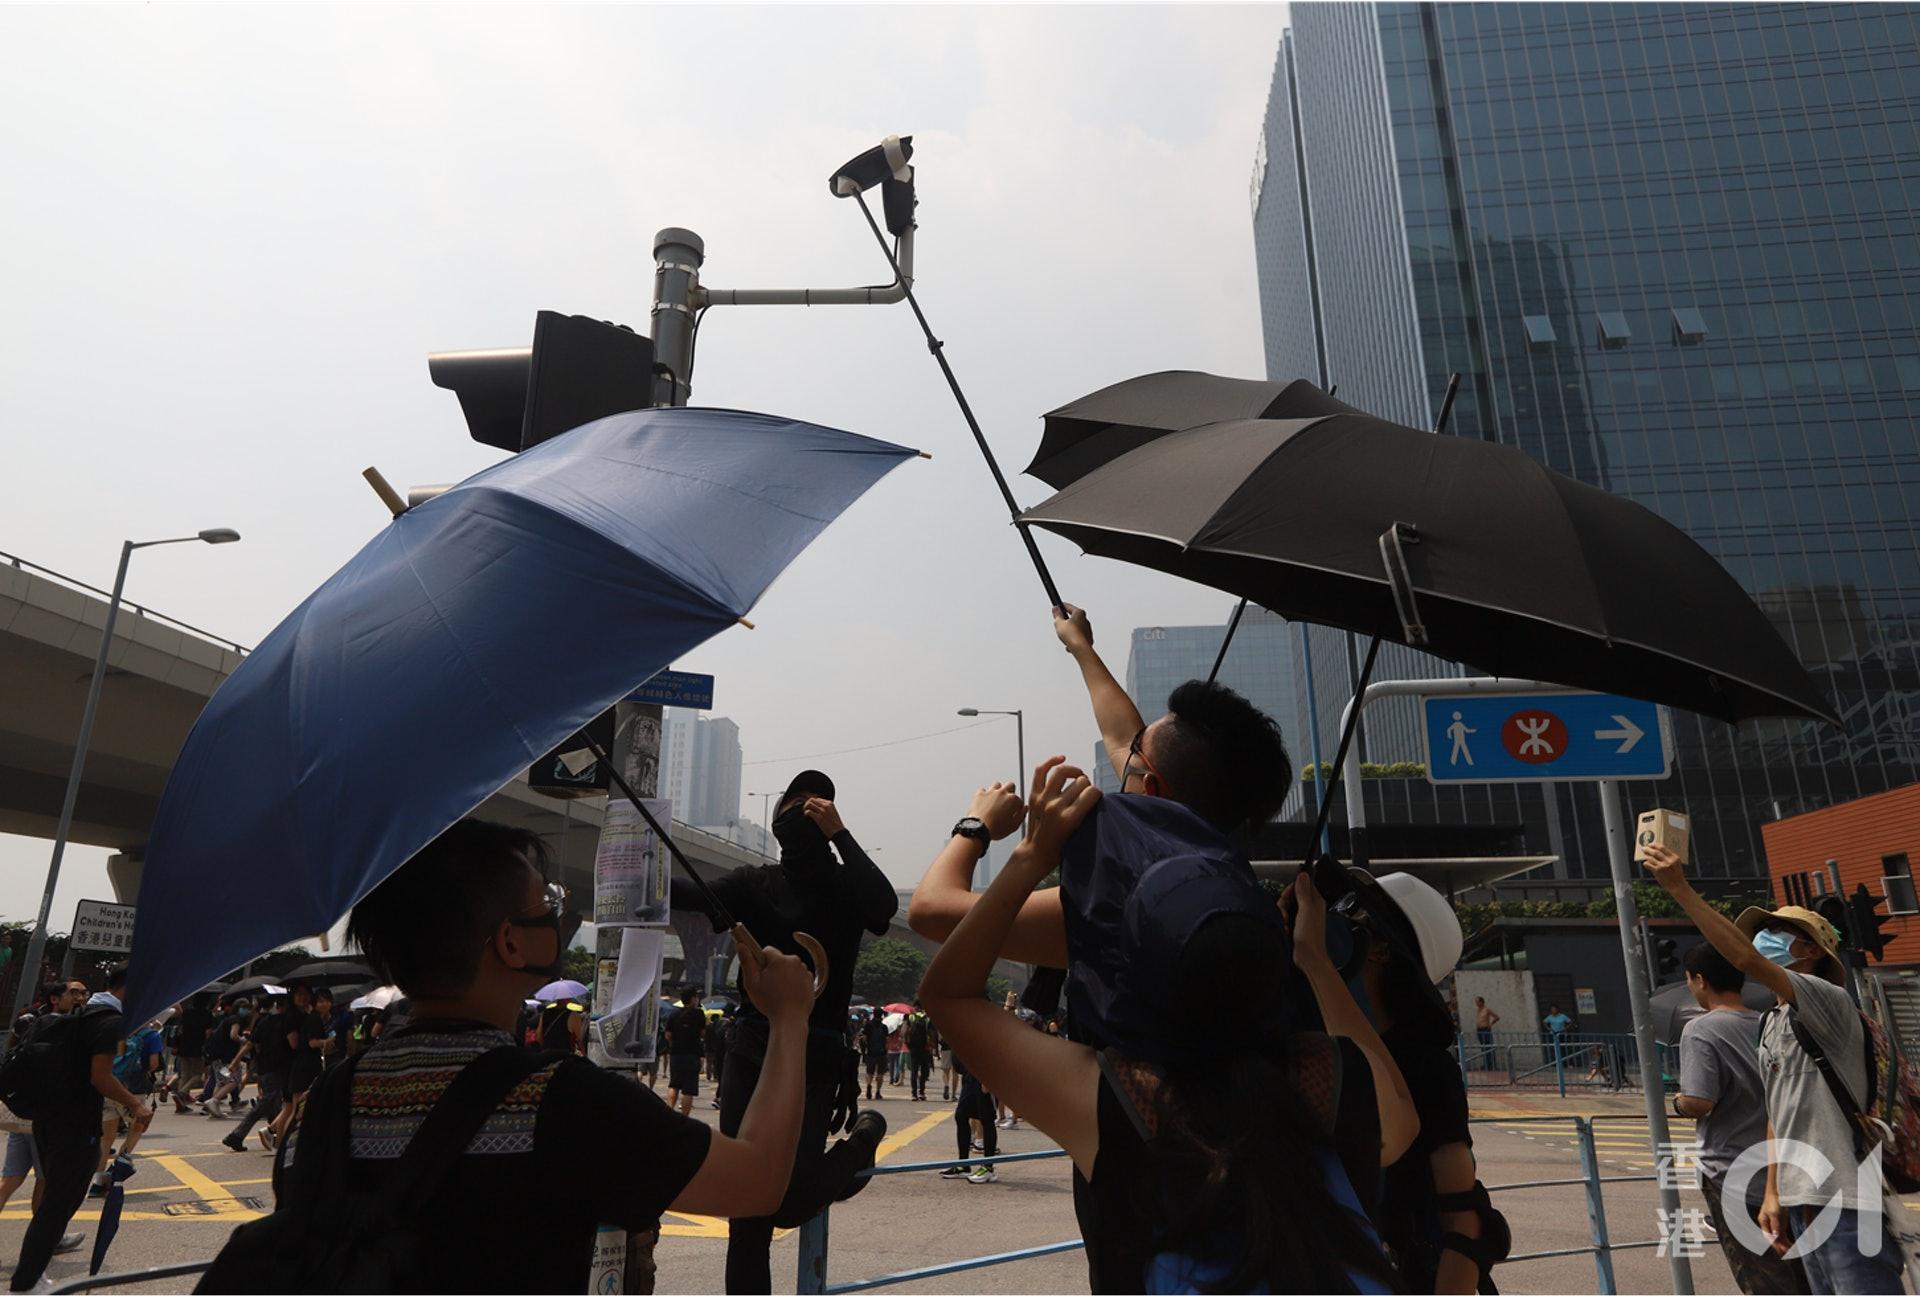 示威者用膠紙遮蓋智慧燈柱。(羅國輝攝)